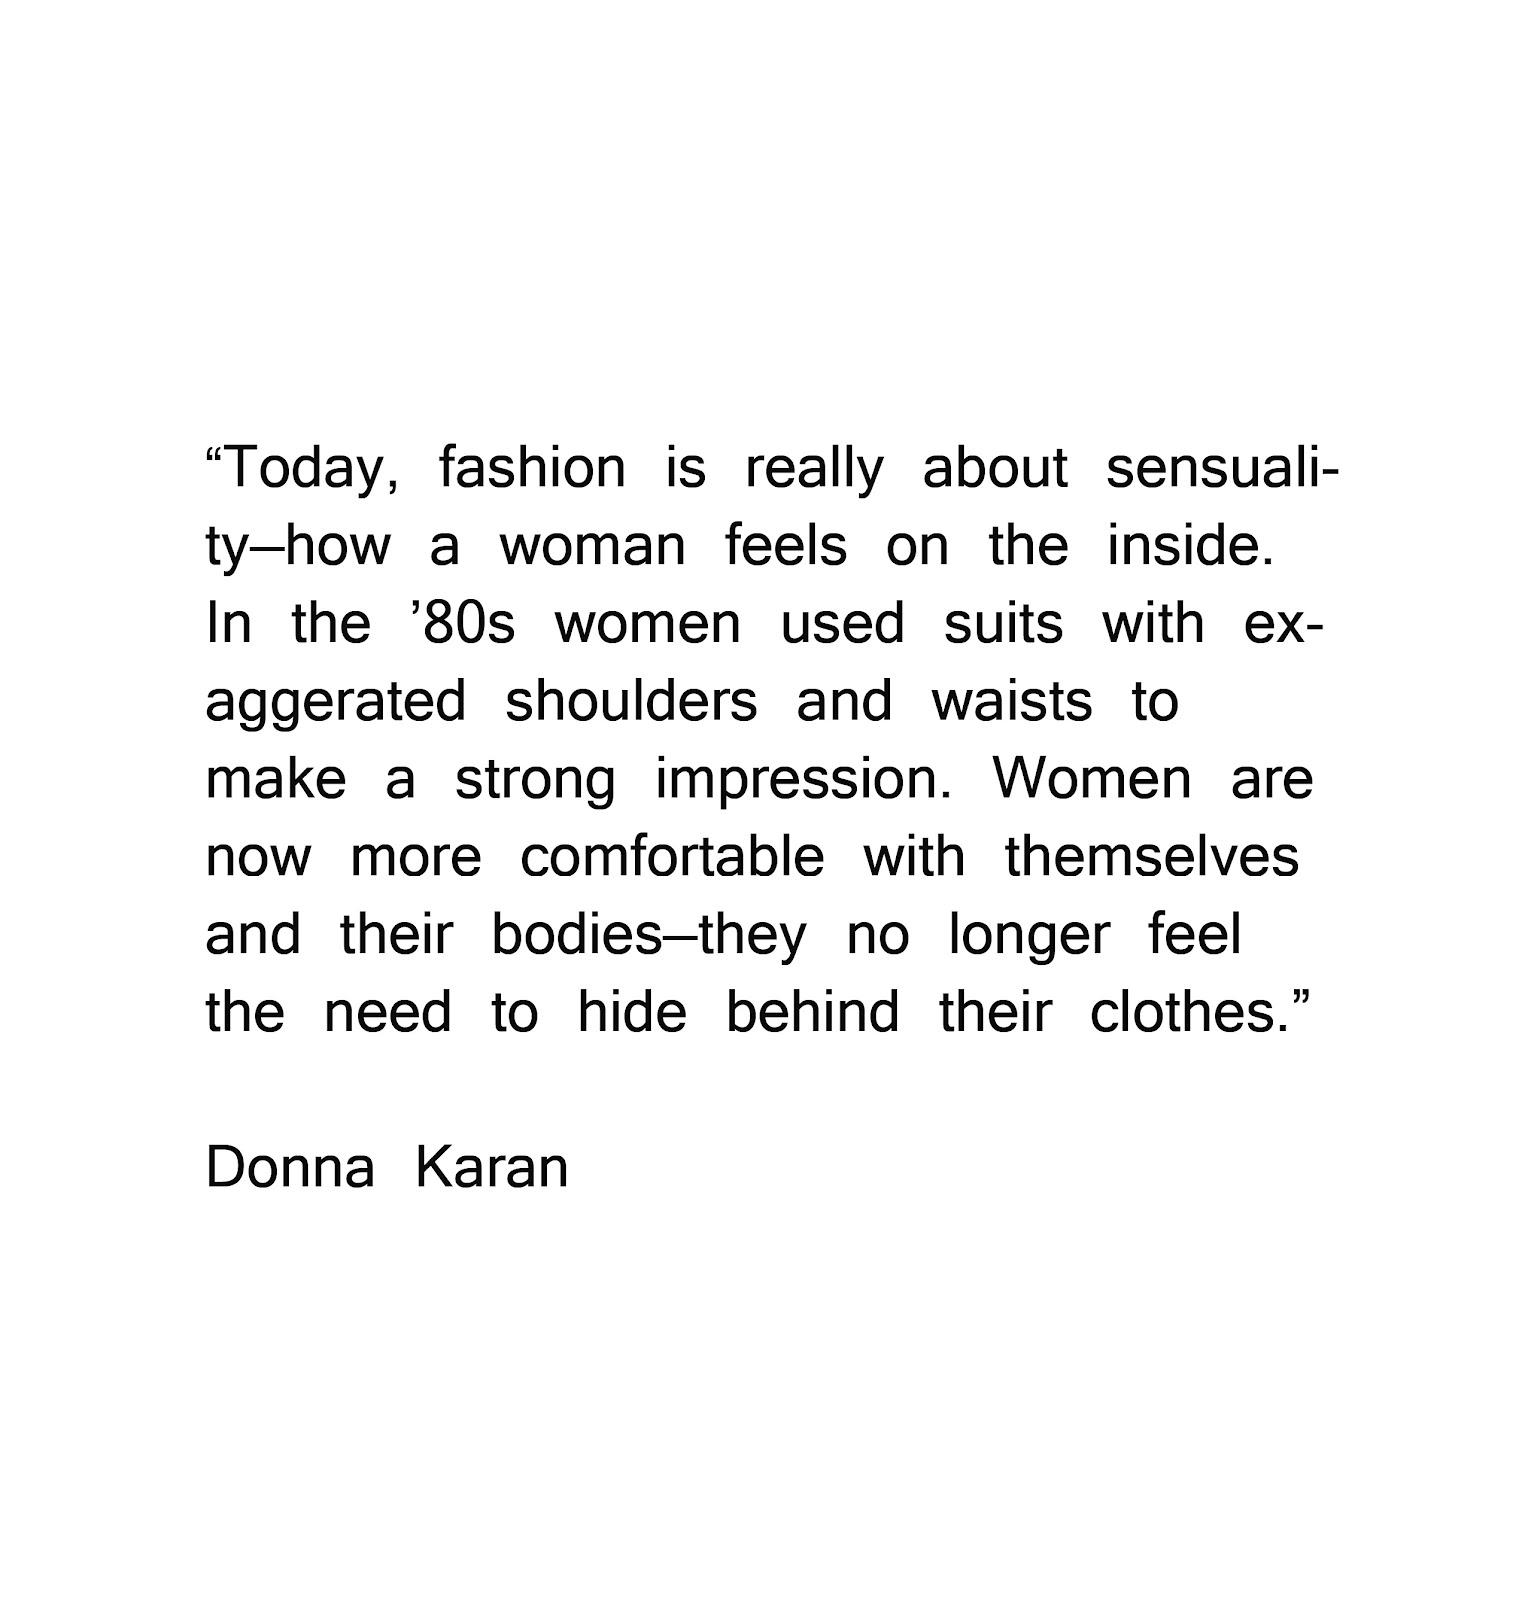 Donna Karan's quote #2